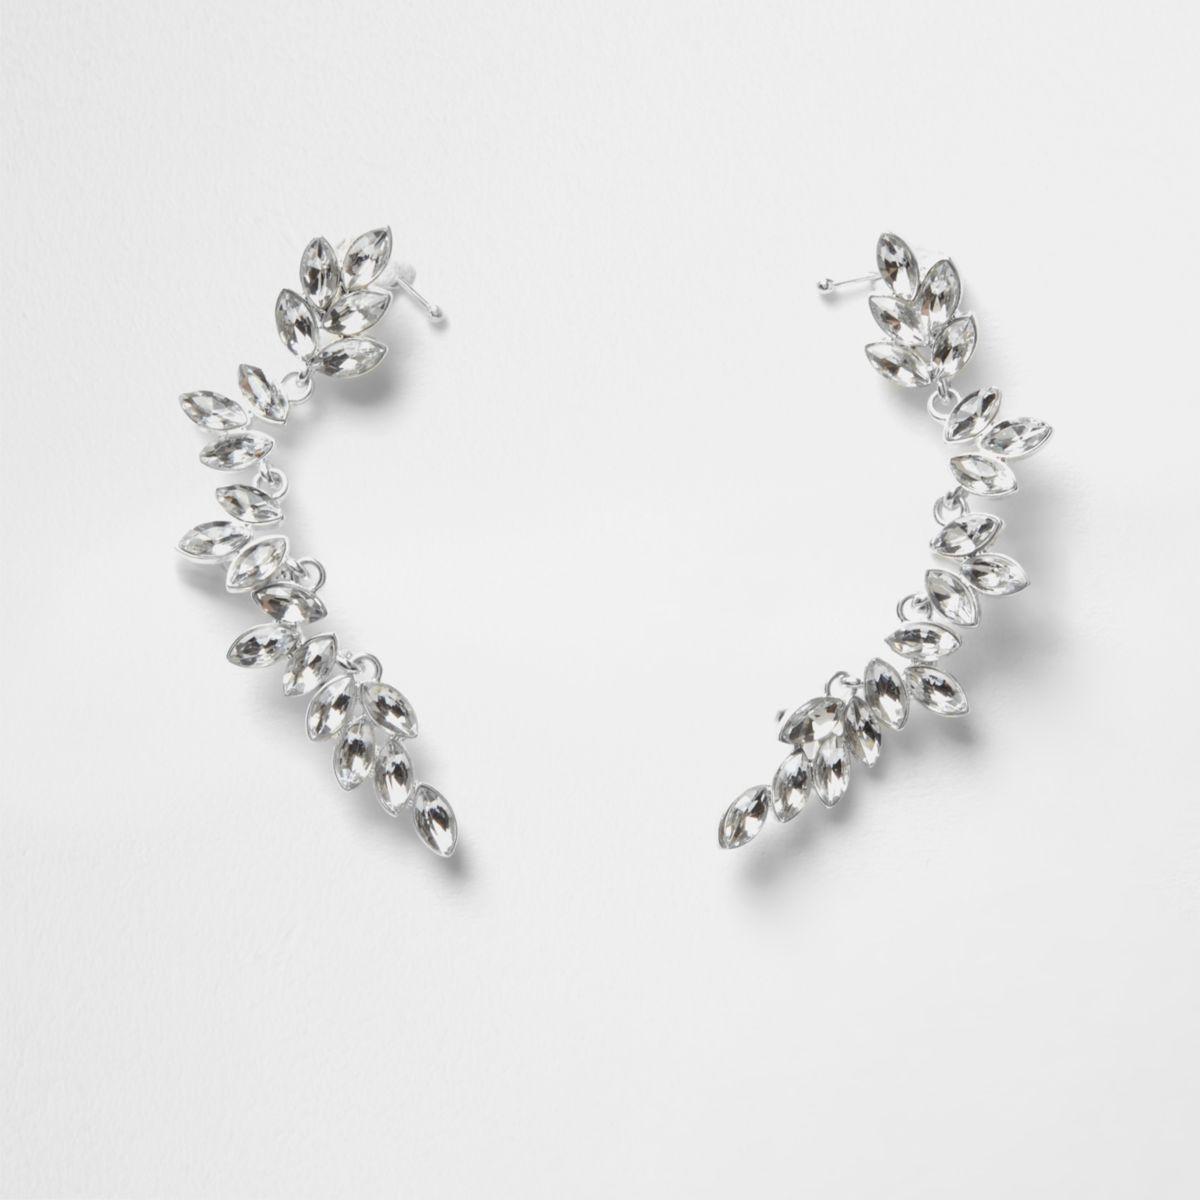 Silver tone leaf jewel embellished ear cuffs